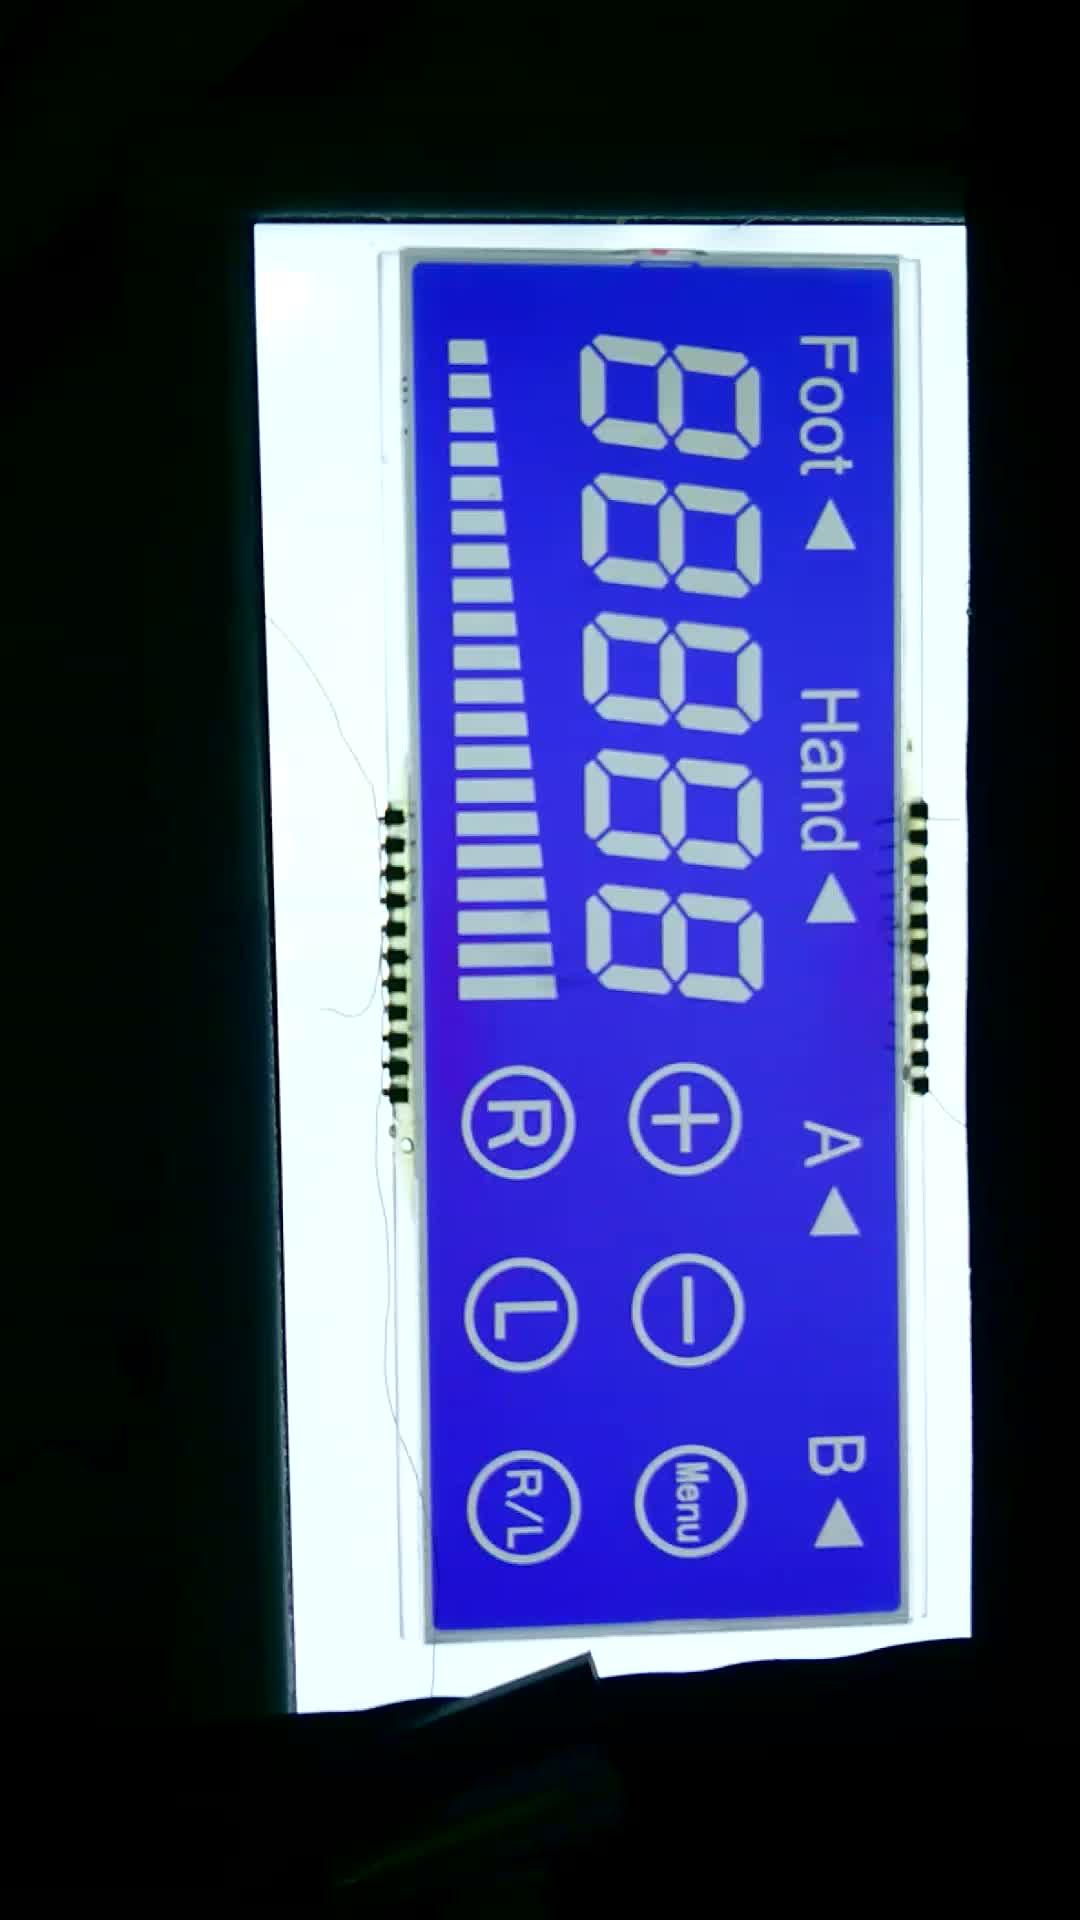 Bleu Écran LCD 16x2 Caractères et 7 Segments Affichage Panneau D'AFFICHAGE À CRISTAUX LIQUIDES Pour Radio